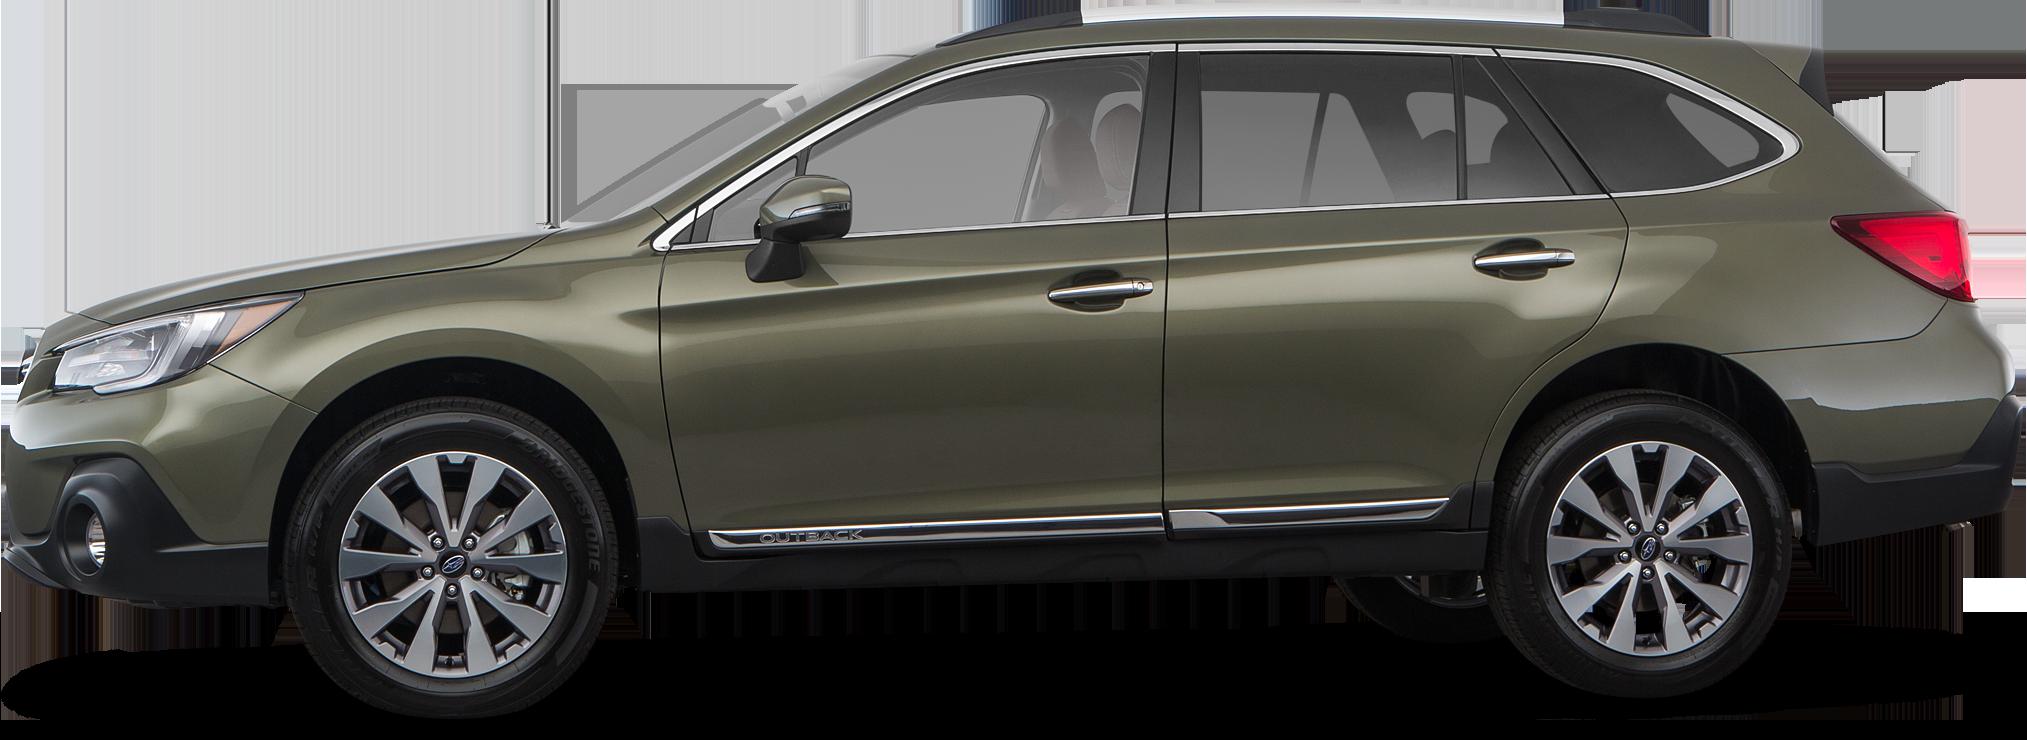 2019 Subaru Outback SUV 2.5i Touring